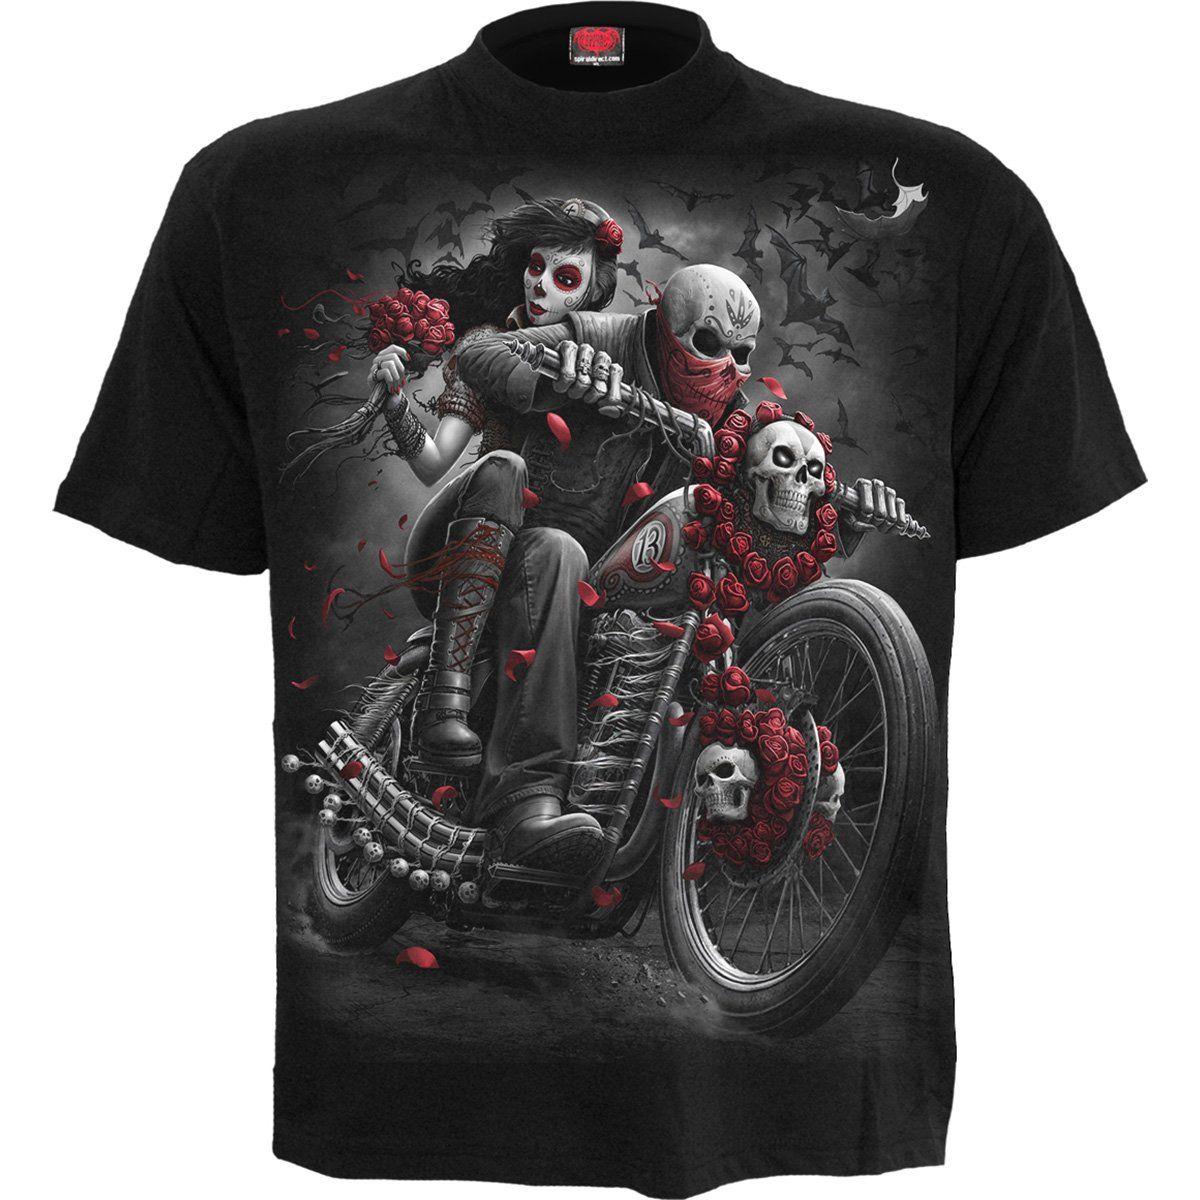 Three Skulls Mens Motorbike T-Shirt Bike Biker Motorcycle Gothic Tattoo